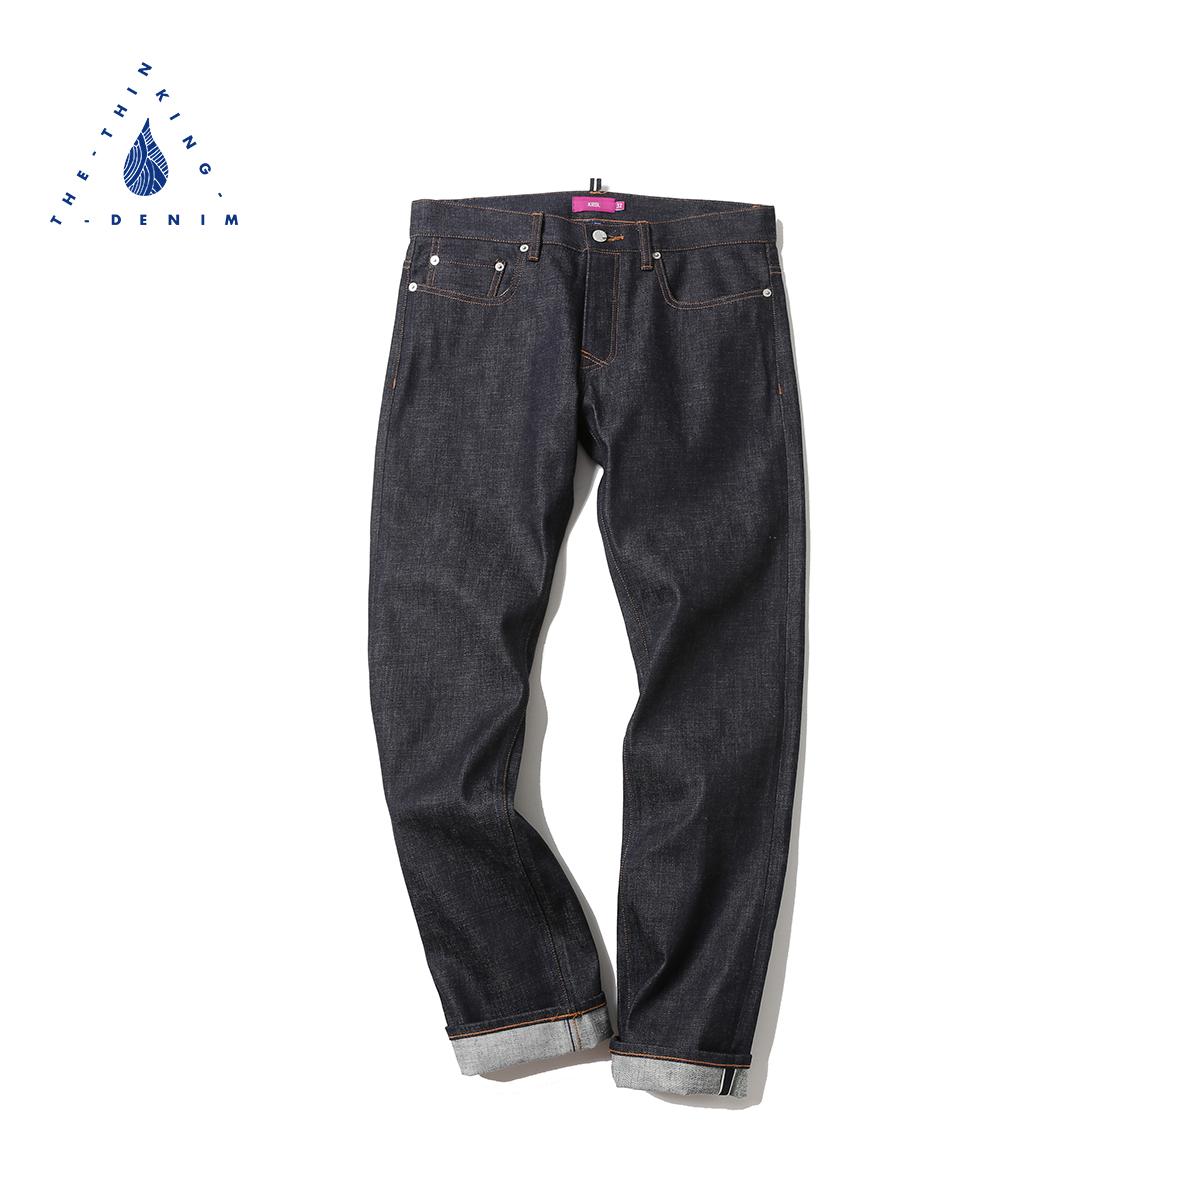 高端牛仔裤